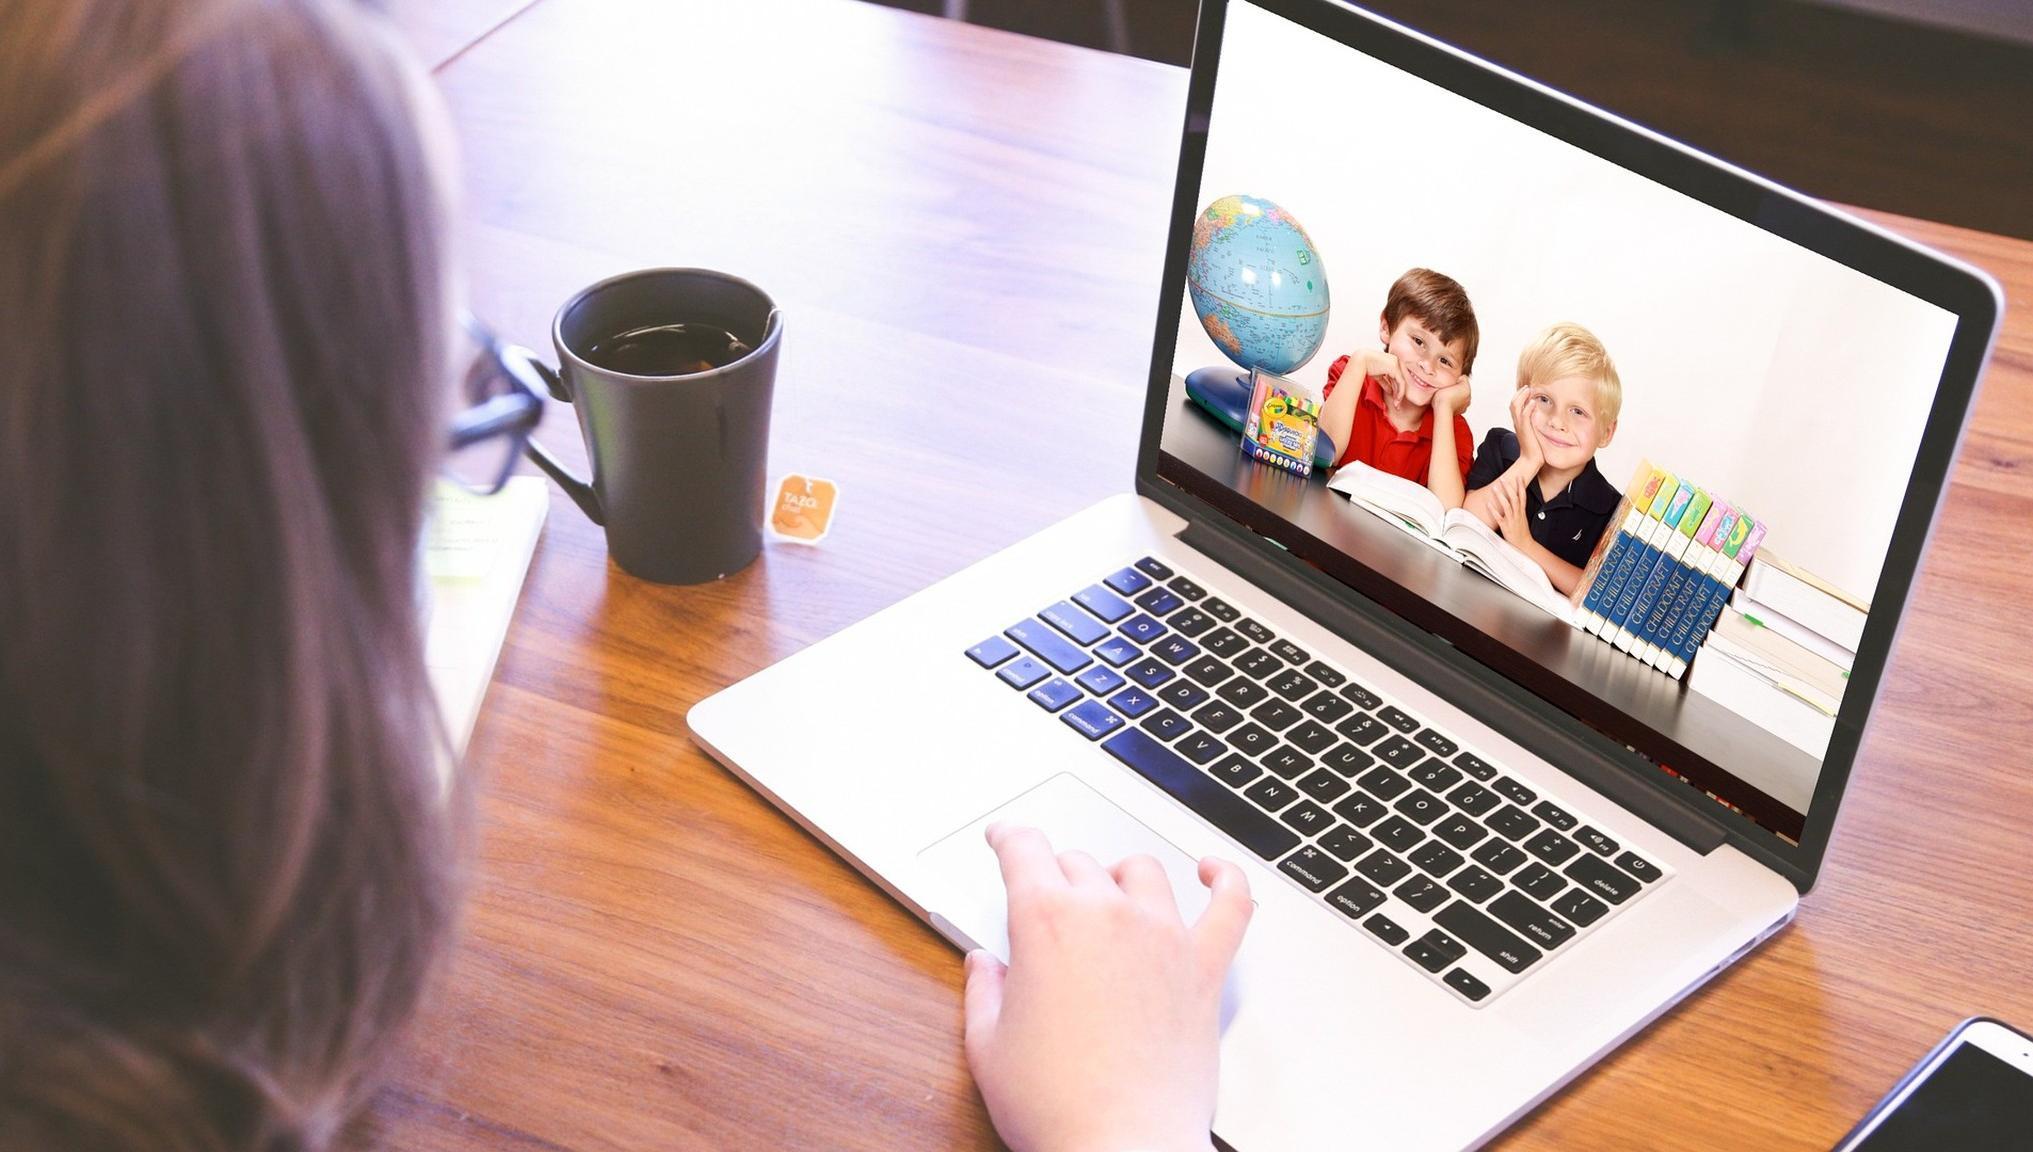 Данные о российских детях хотят собрать в цифровых профилях - новости Афанасий